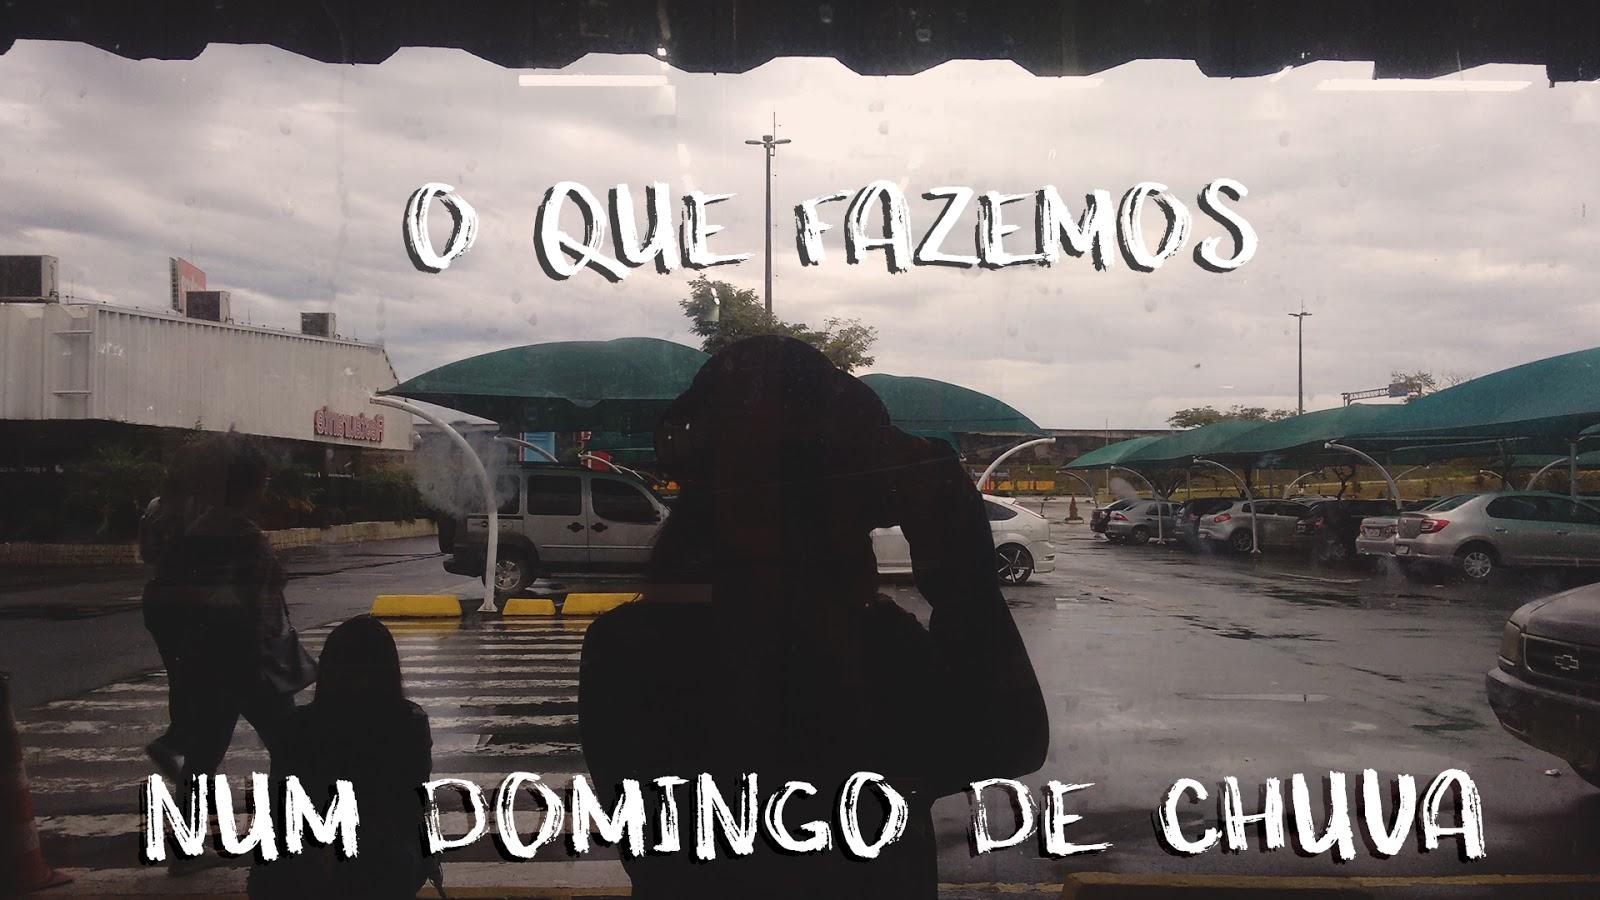 vlog o que fazemos num dia de chuva